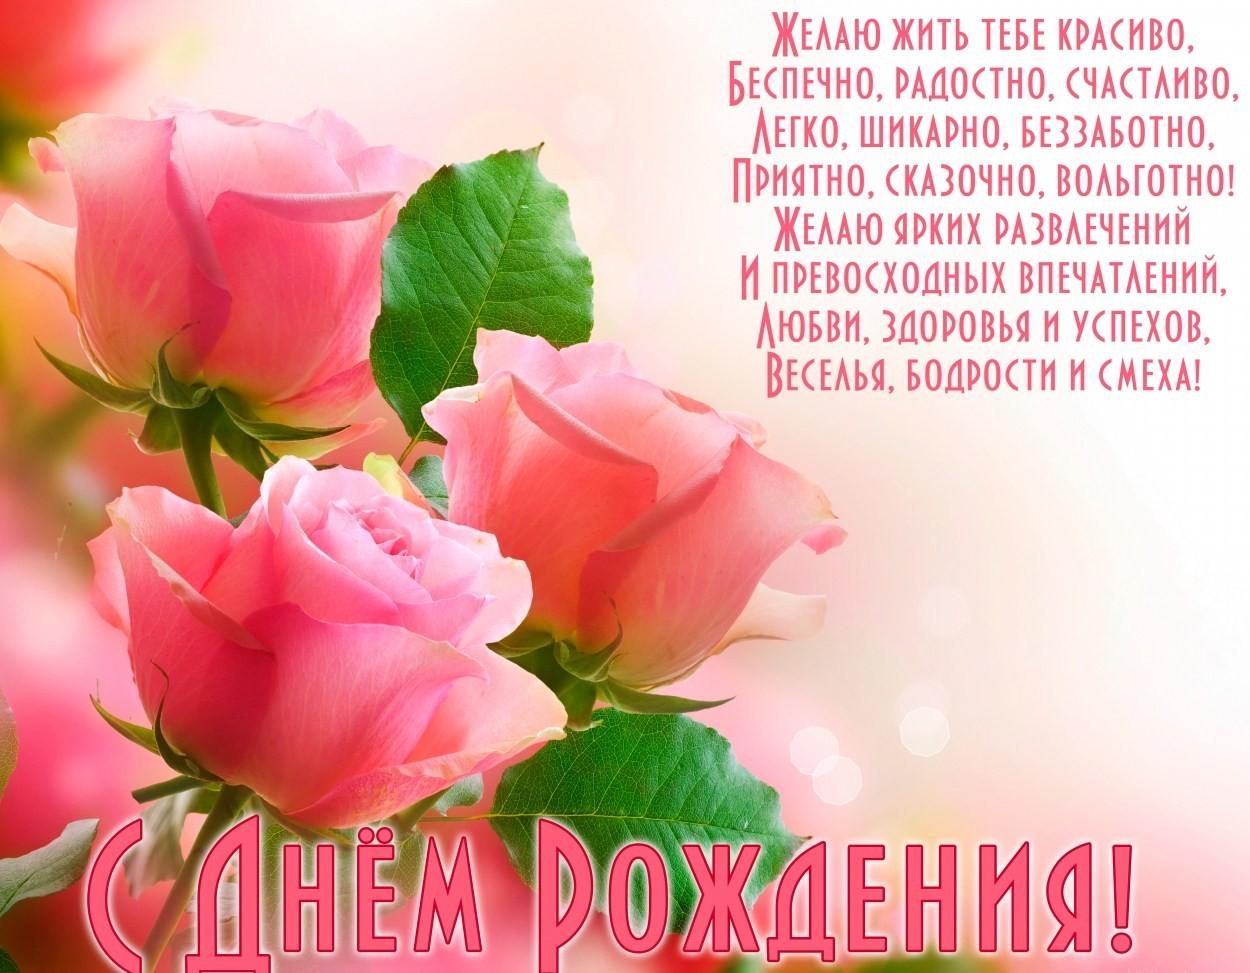 фото открытки с днем рождения женщине красивые